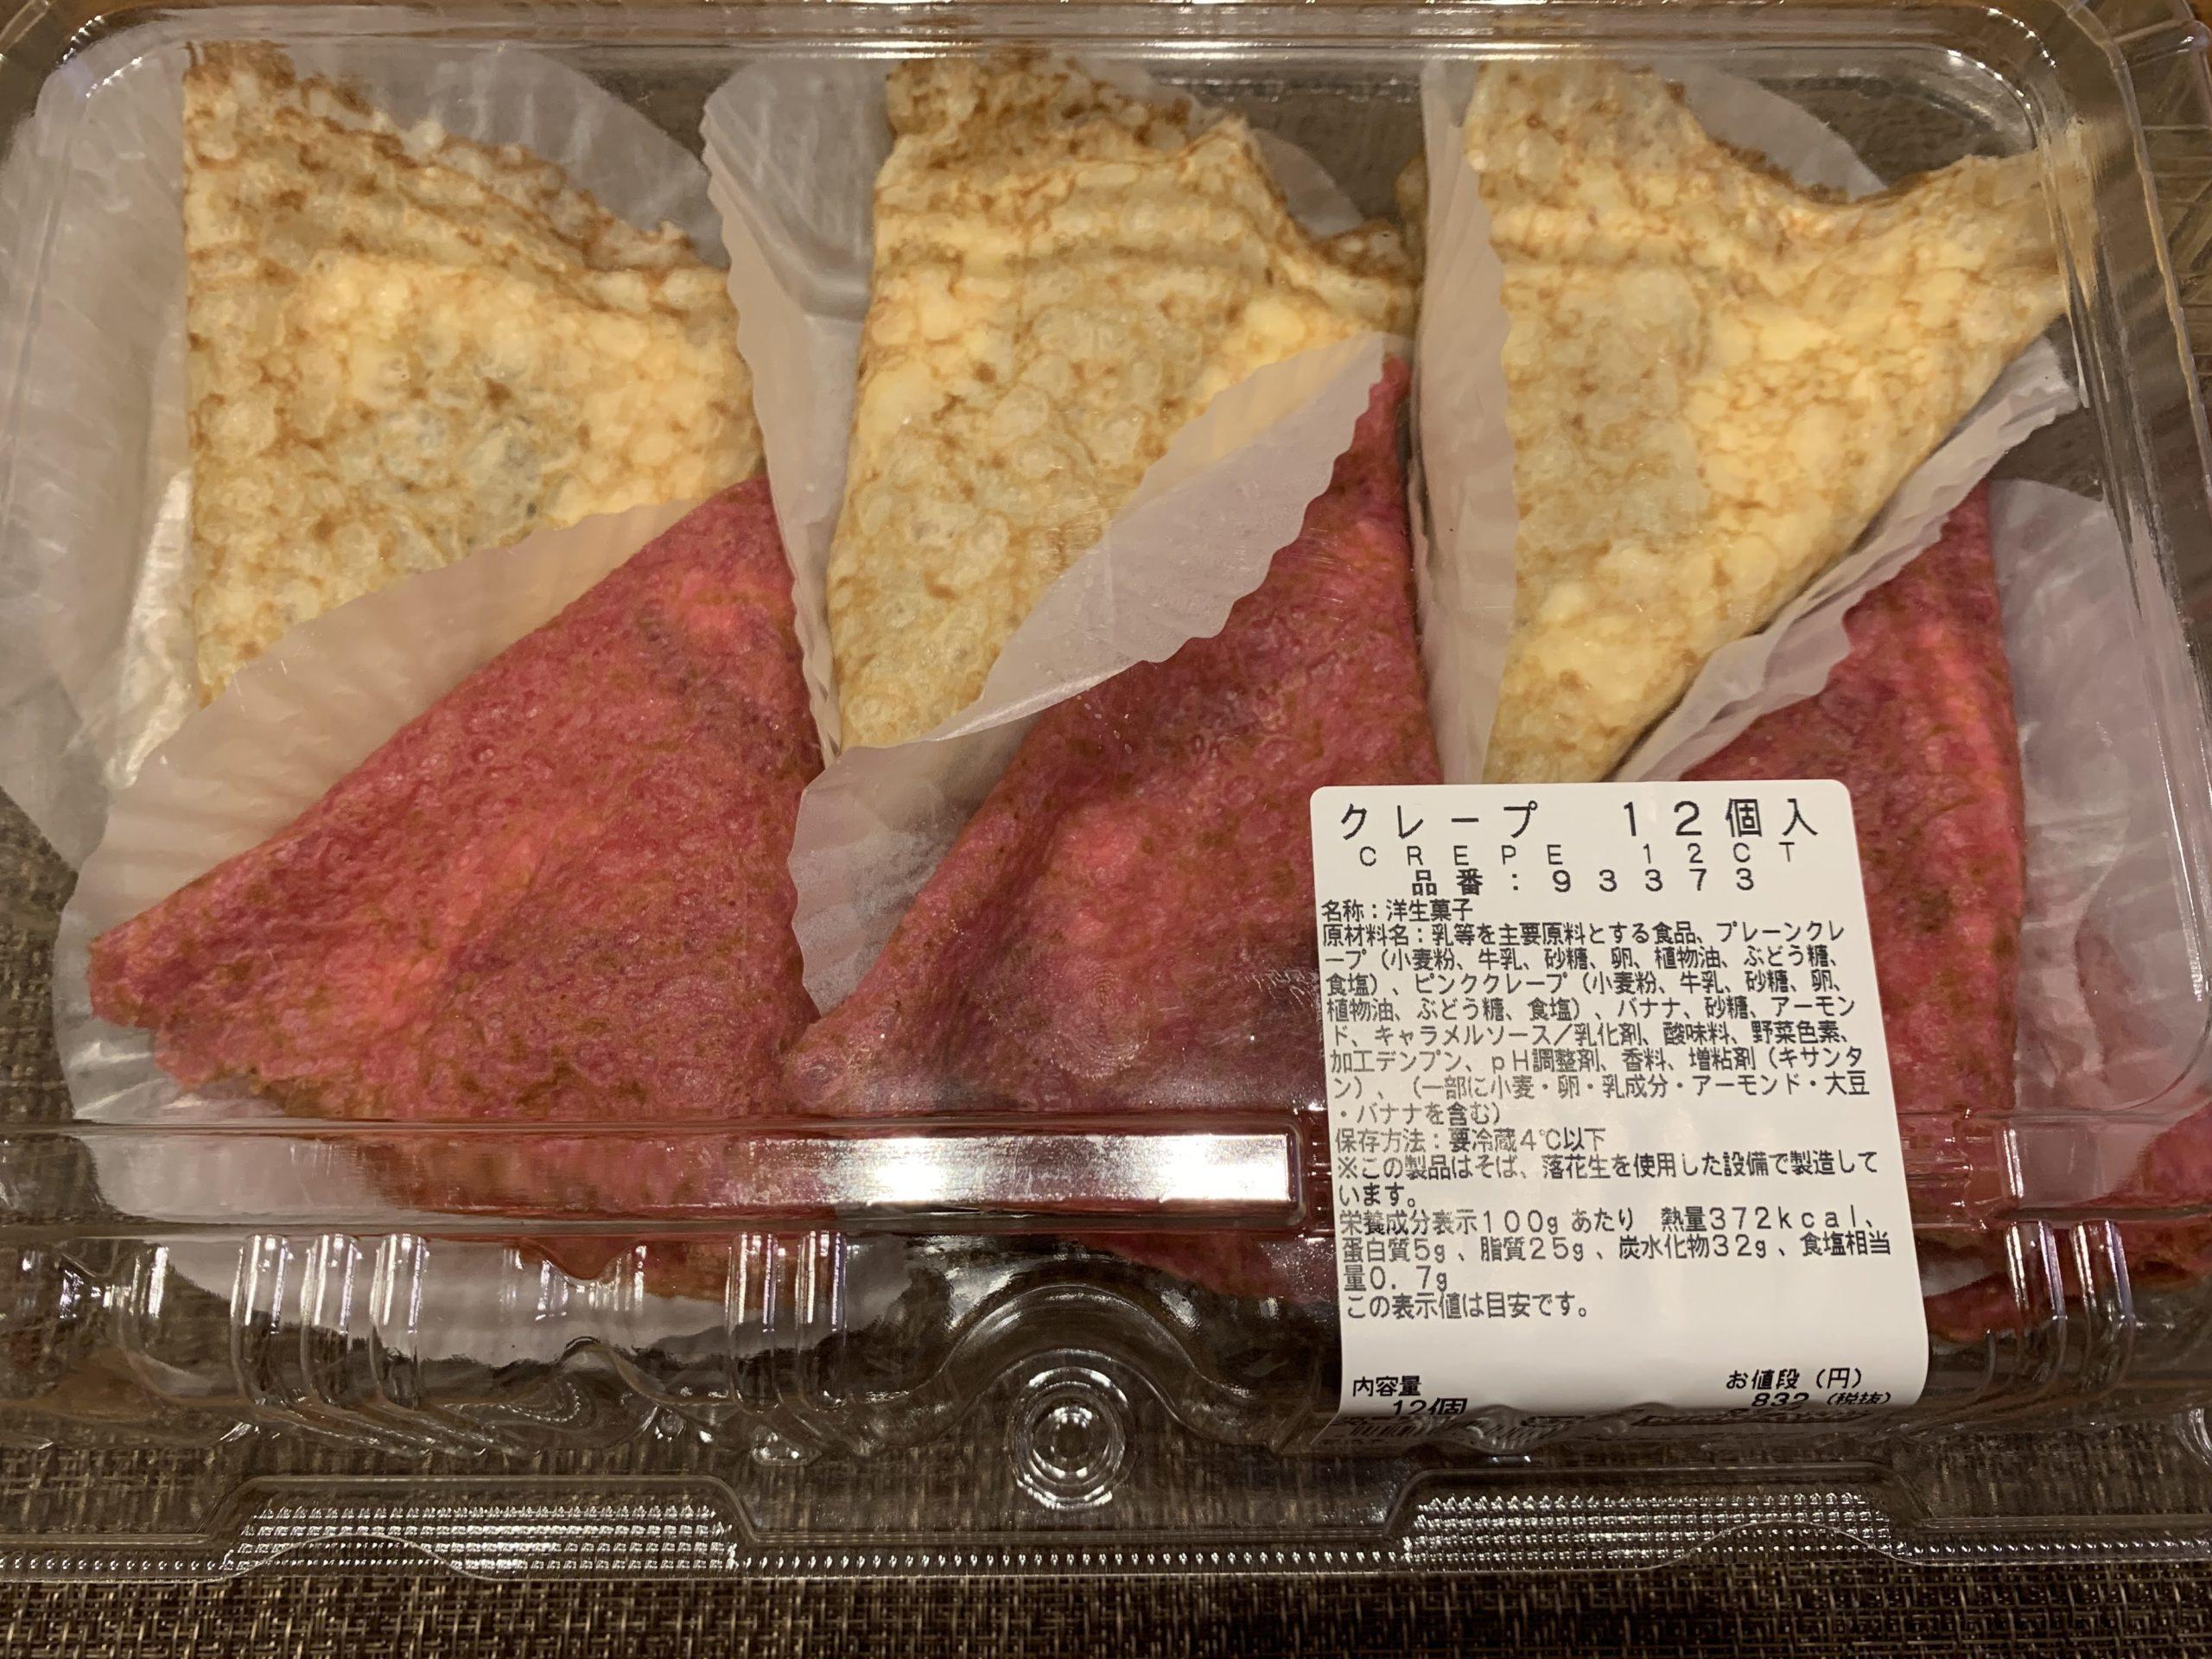 コストコの新商品クレープ12個入りの値段やカロリーは?美味しかったのか味の感想